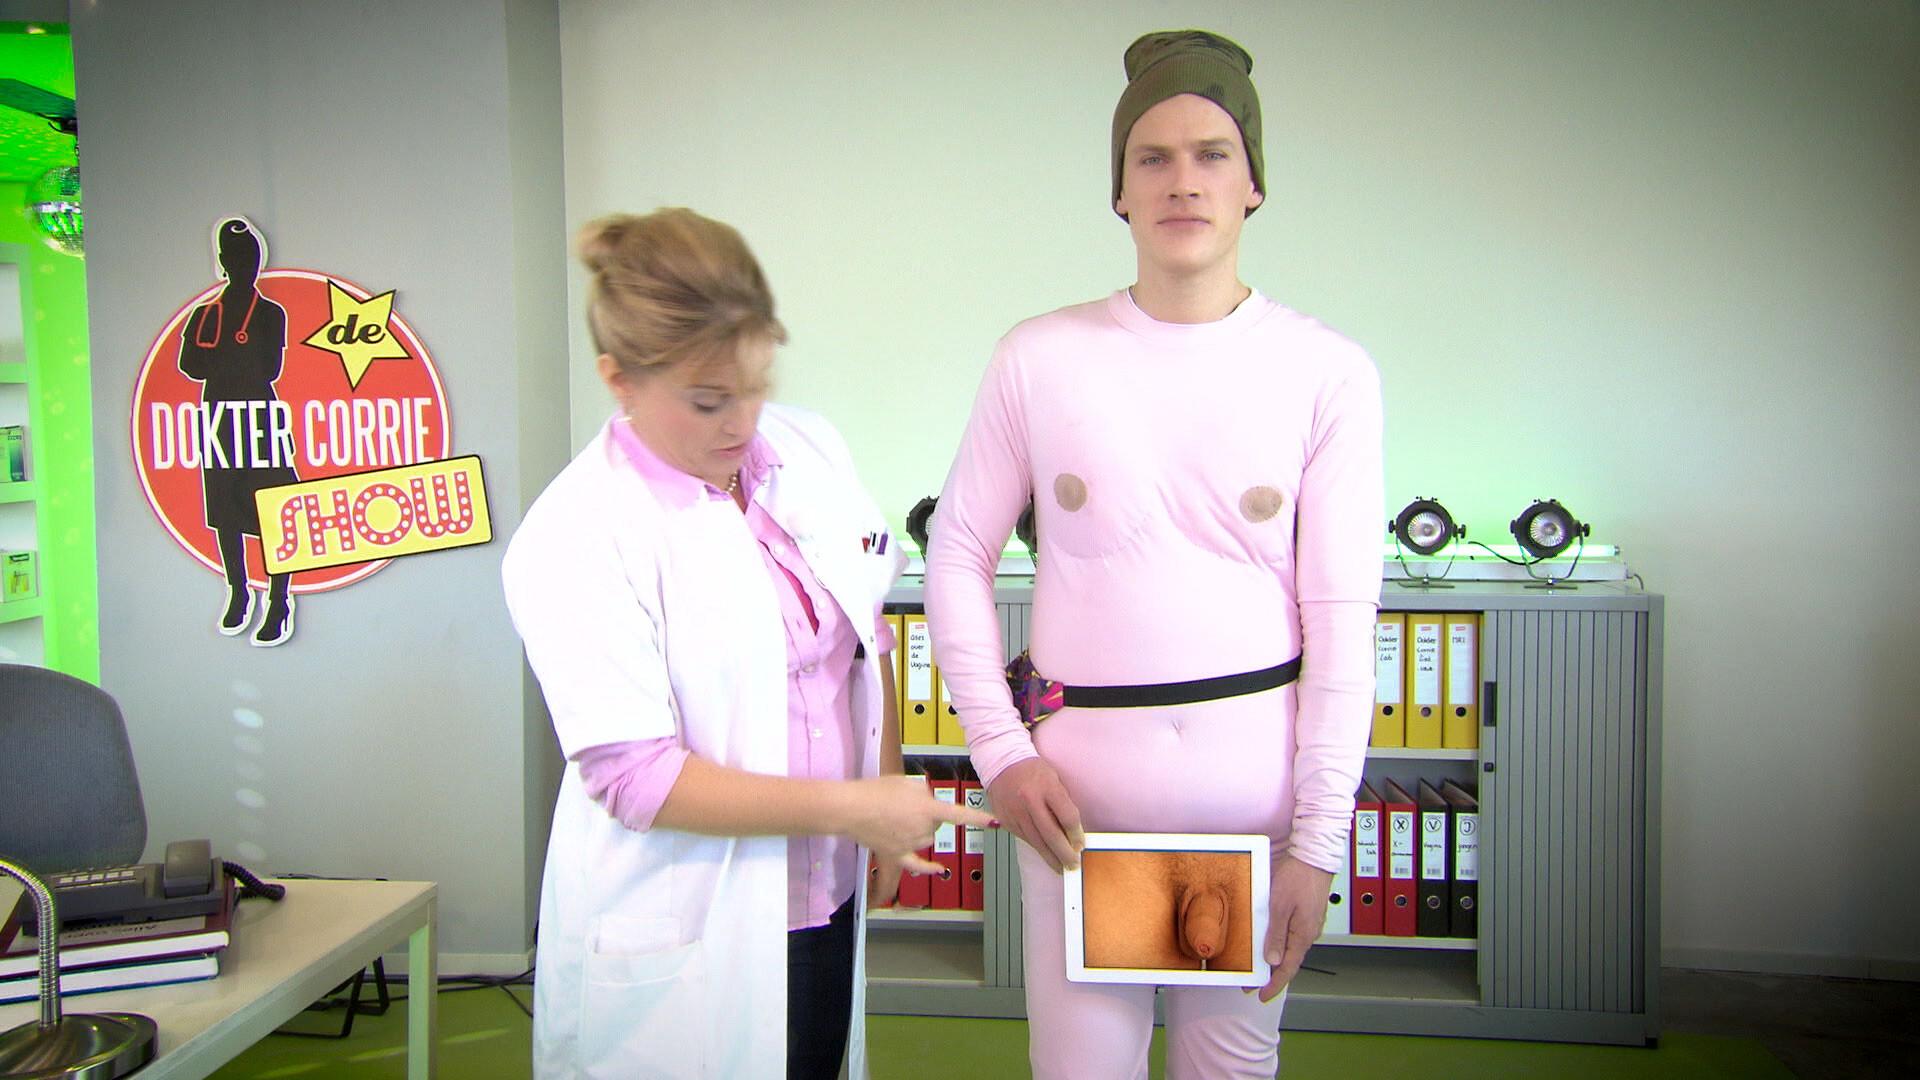 dokter voor mannelijke geslachtsdelen